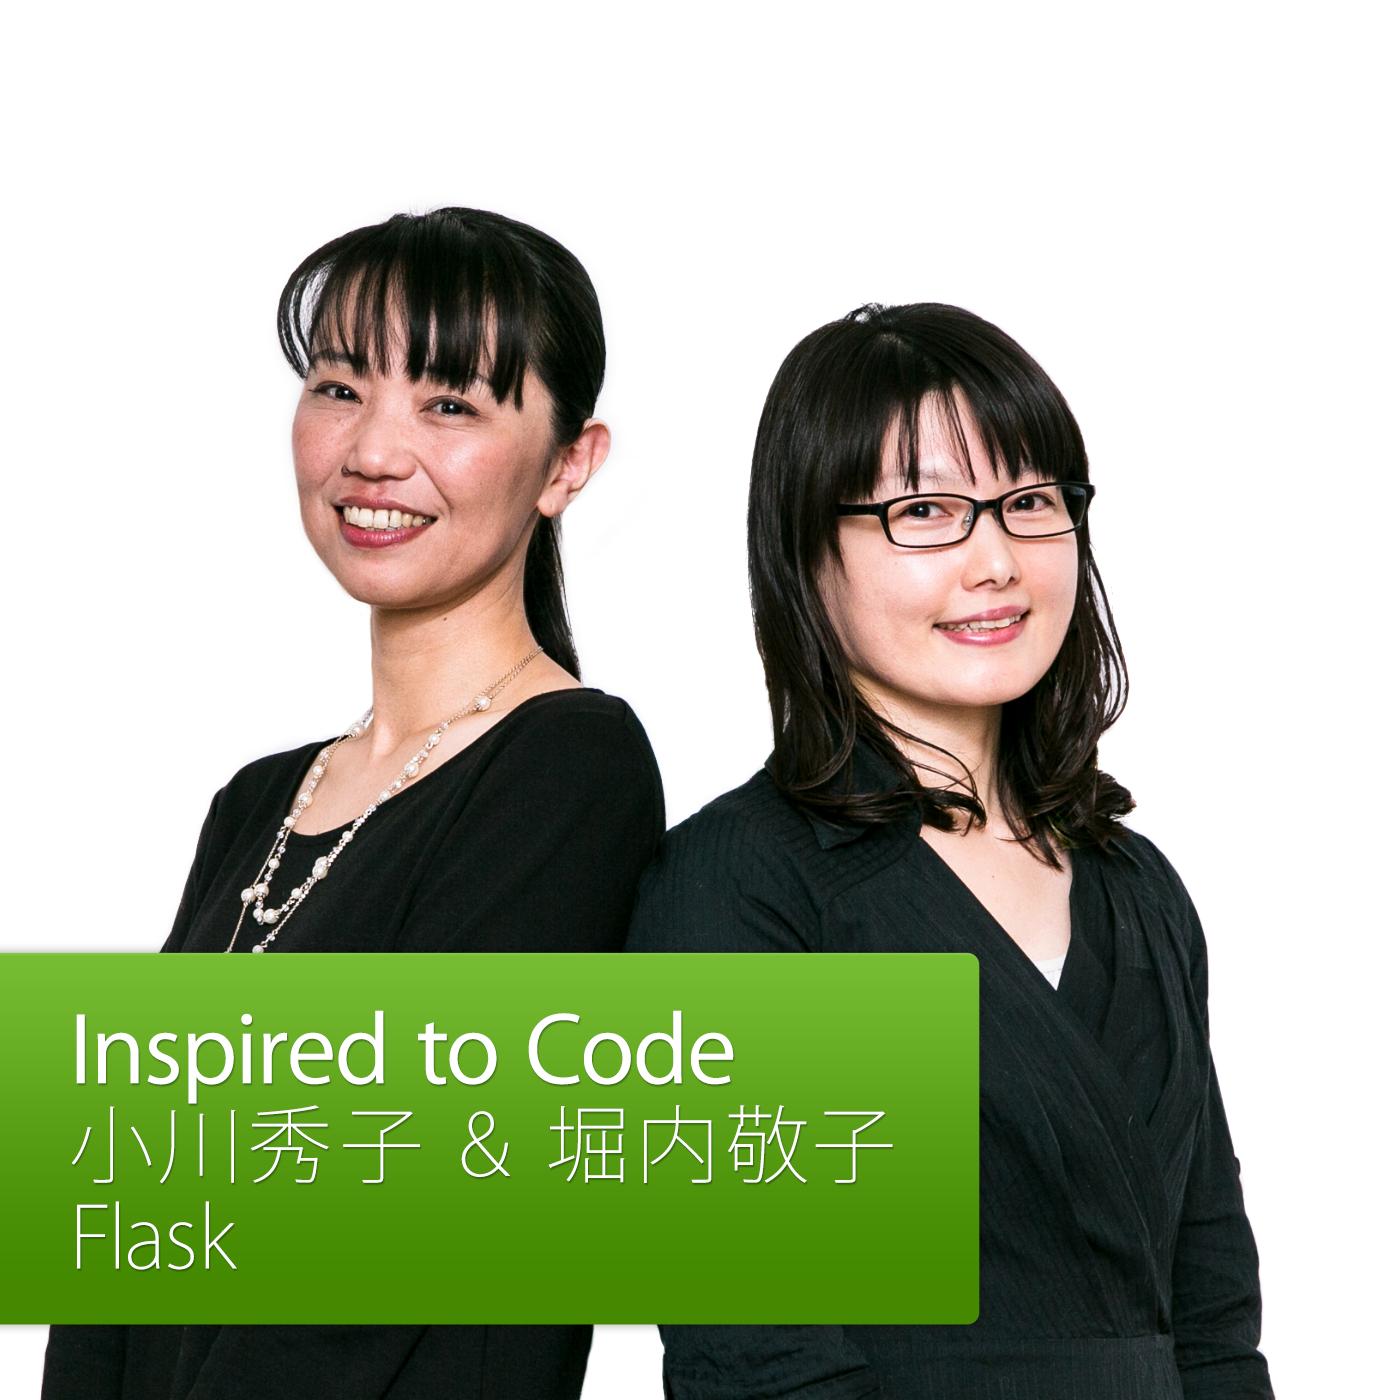 小川秀子 & 堀内敬子(Flask): Inspired to Code